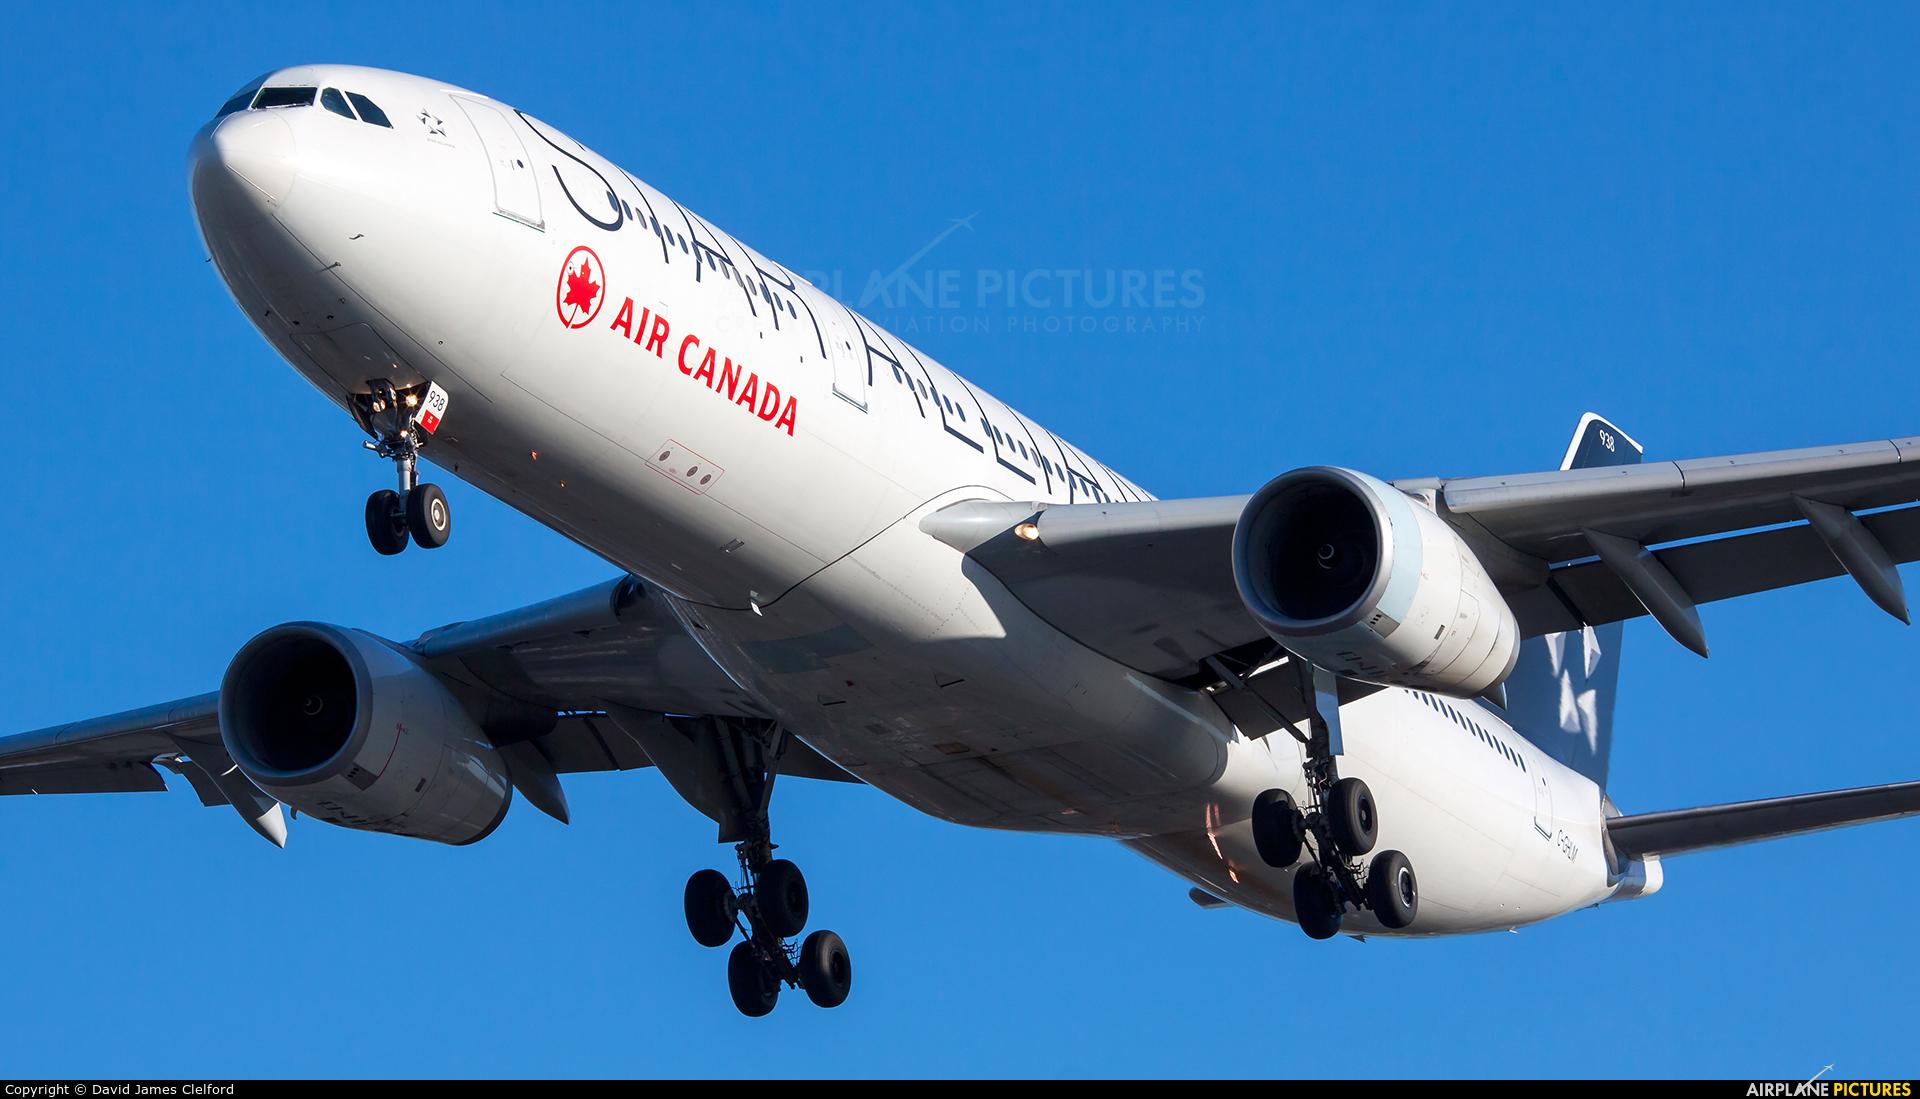 Air Canada C-GHLM aircraft at London - Heathrow